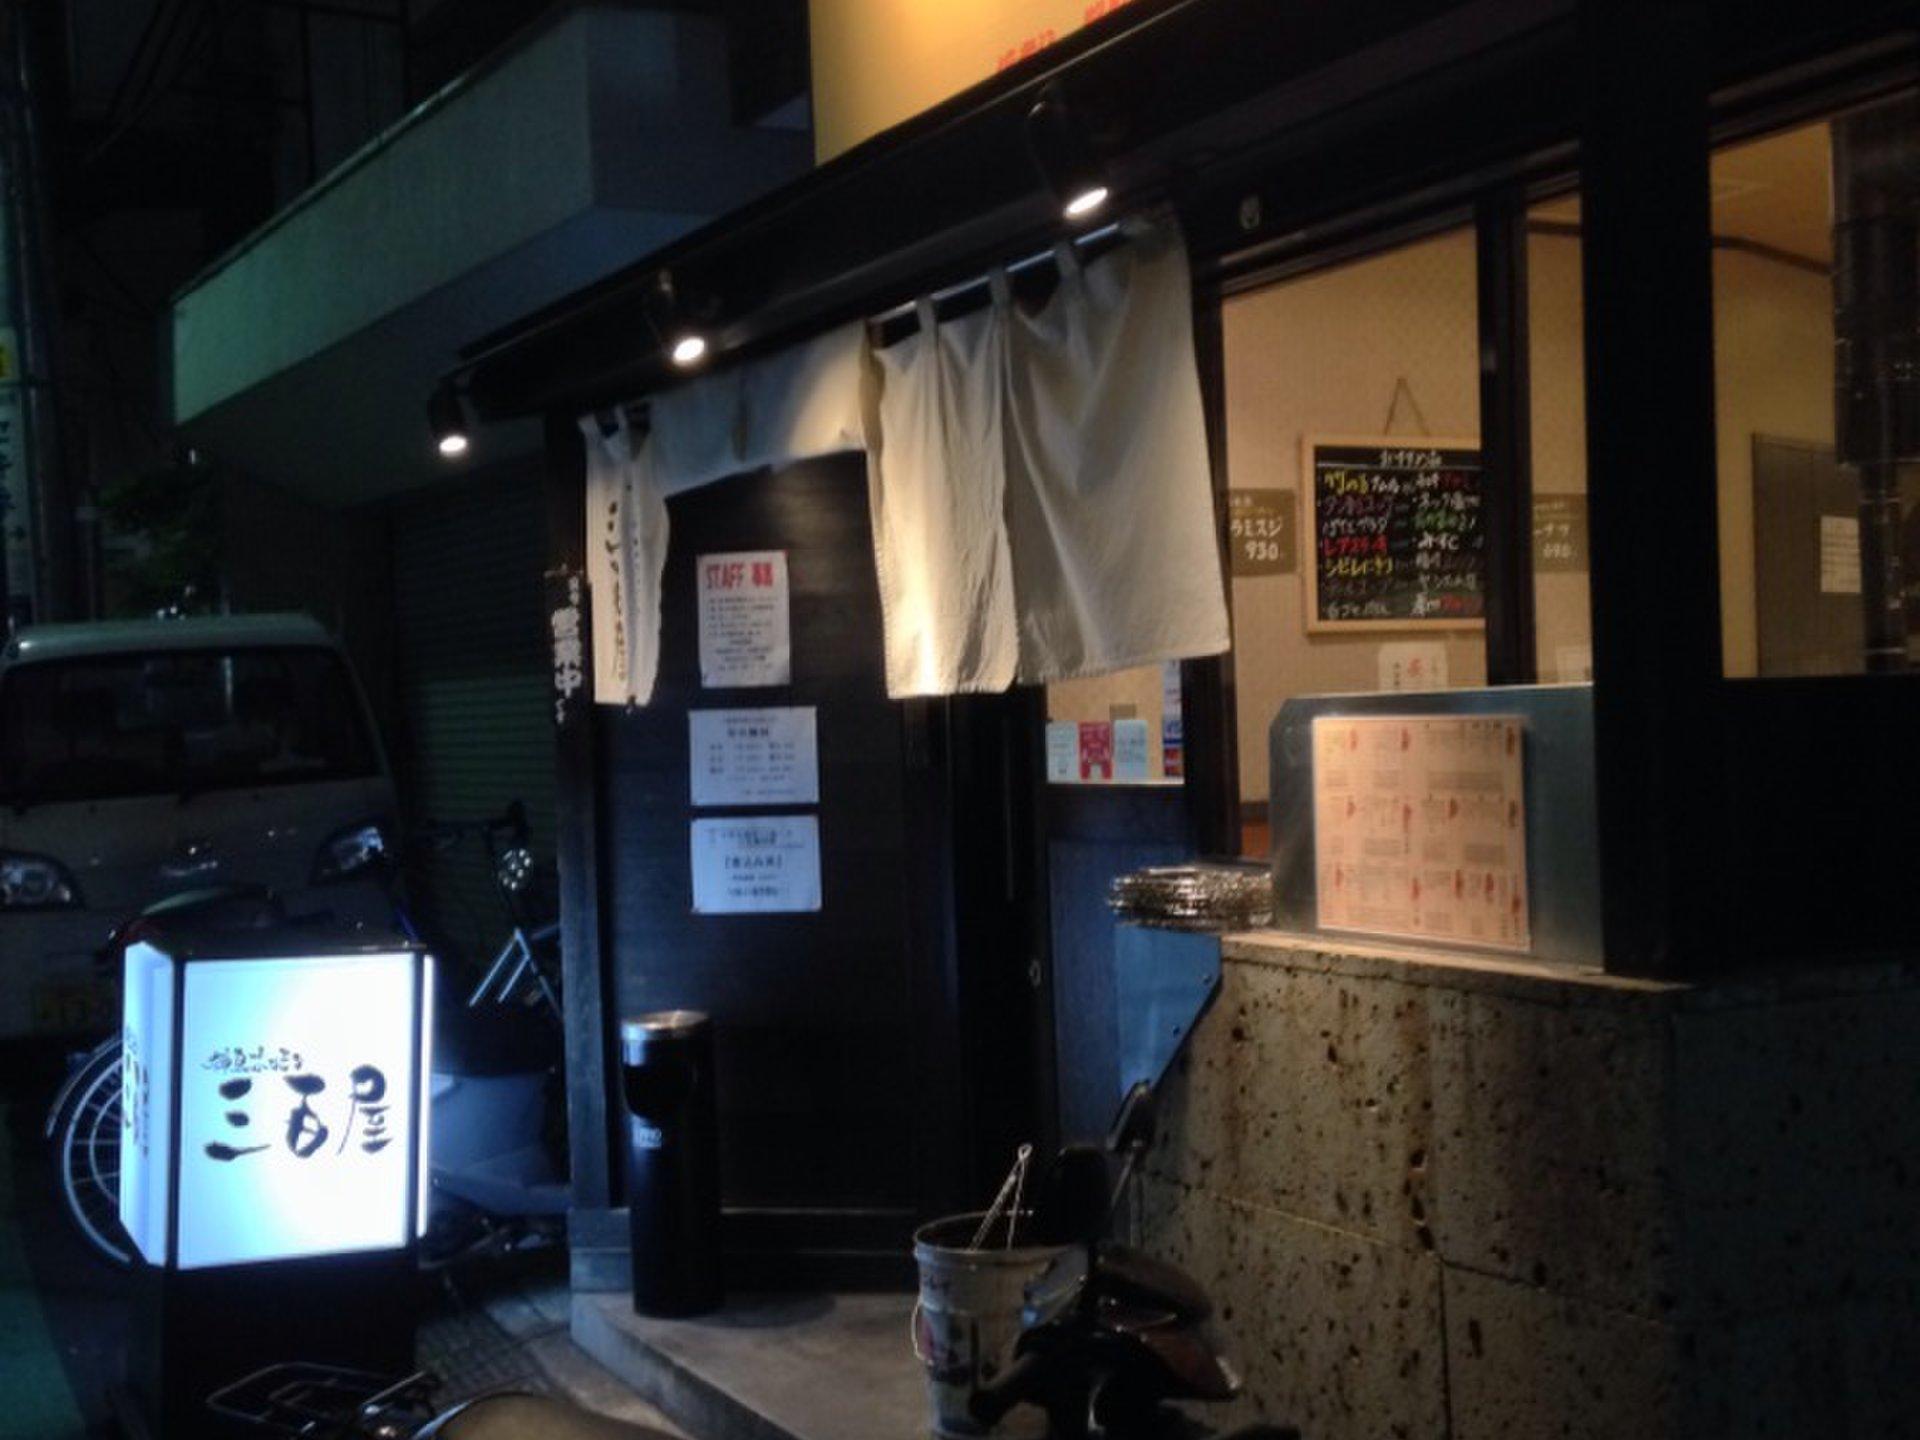 食欲の秋は焼き肉で決まり!渋谷におでかけ「神泉ホルモン三百屋」で一番美味しいホルモンを食べよう!